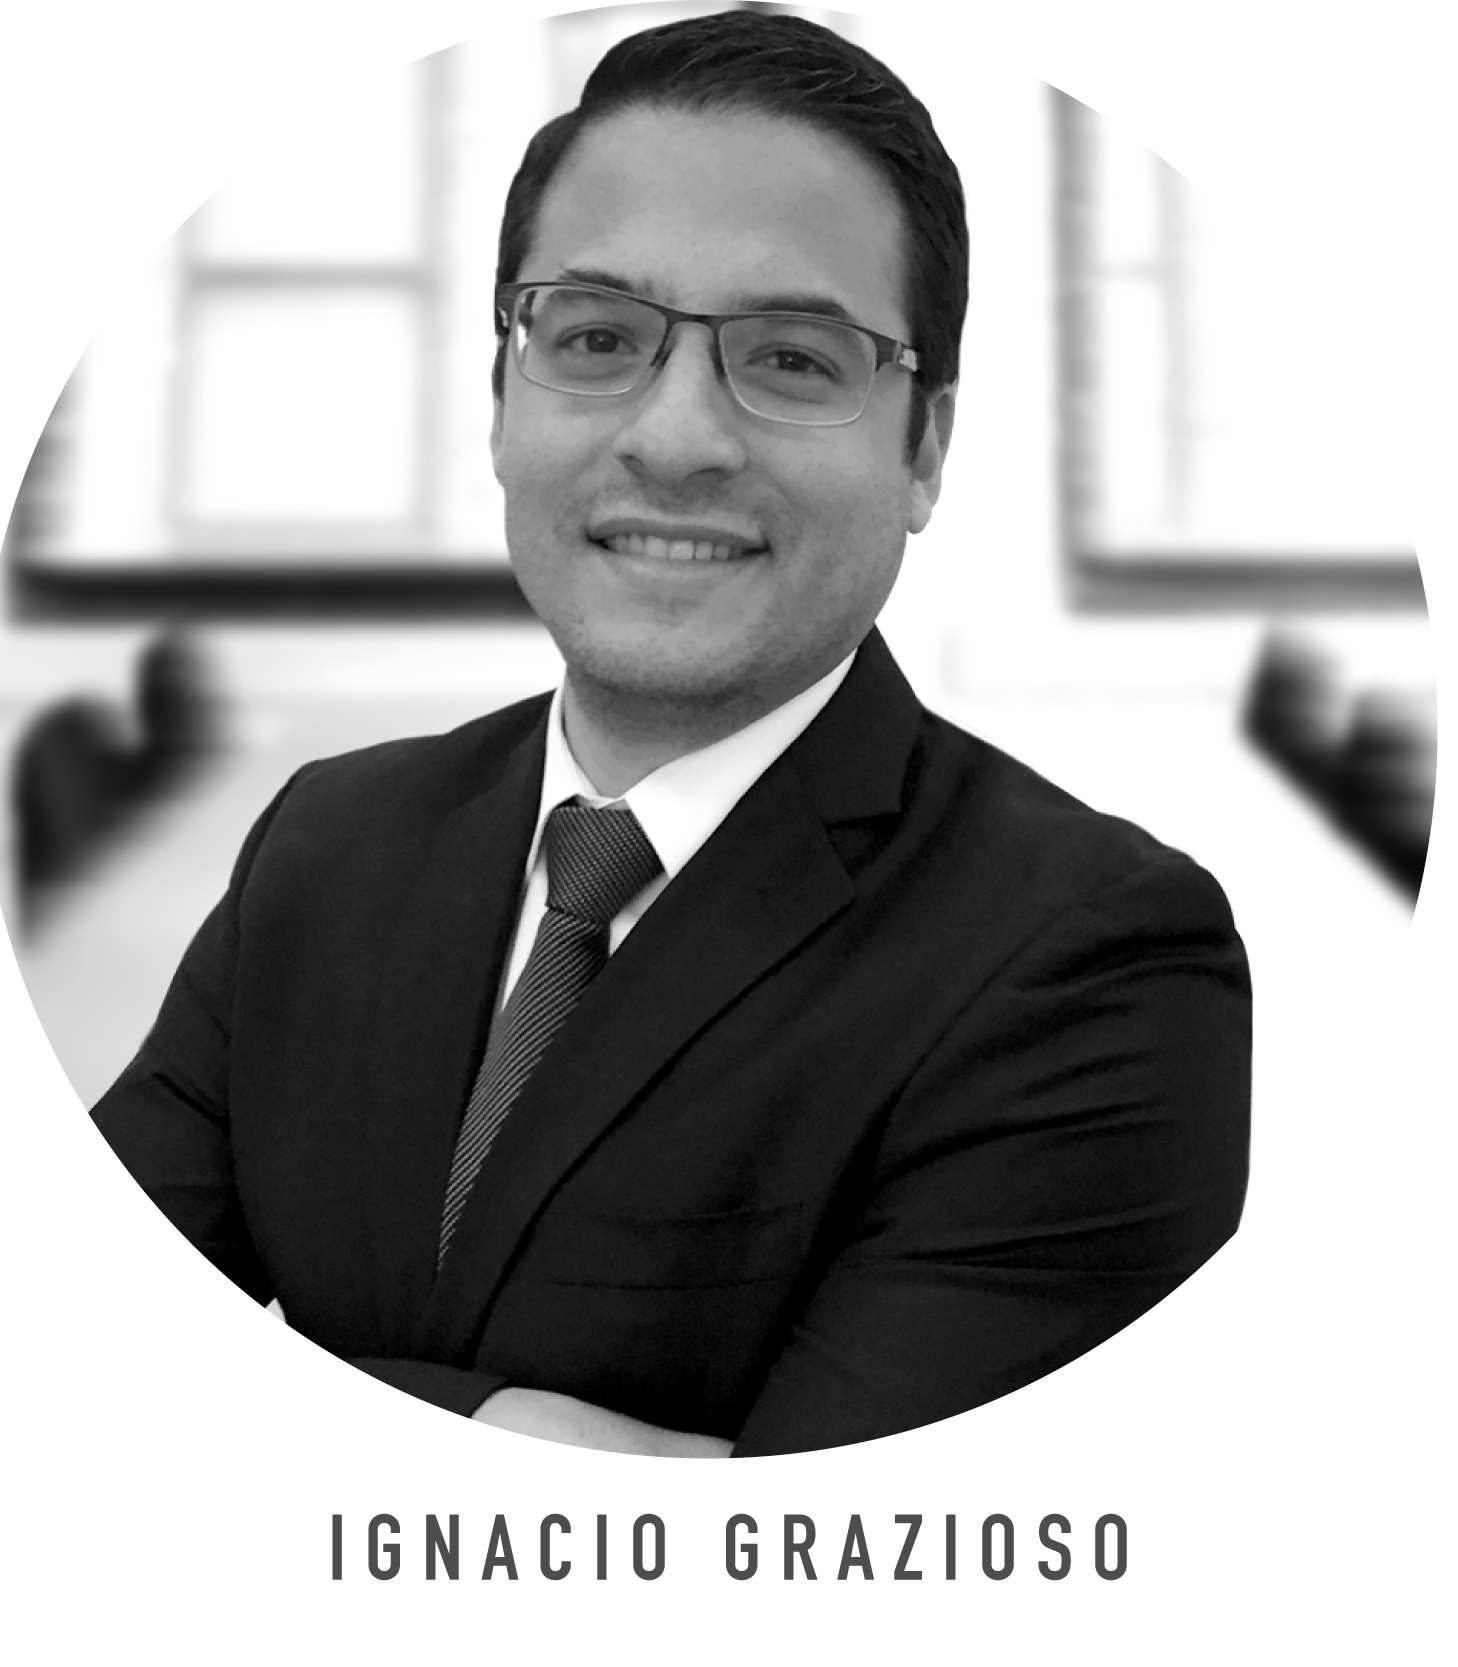 IGNACIO_GRAZIOSO.png